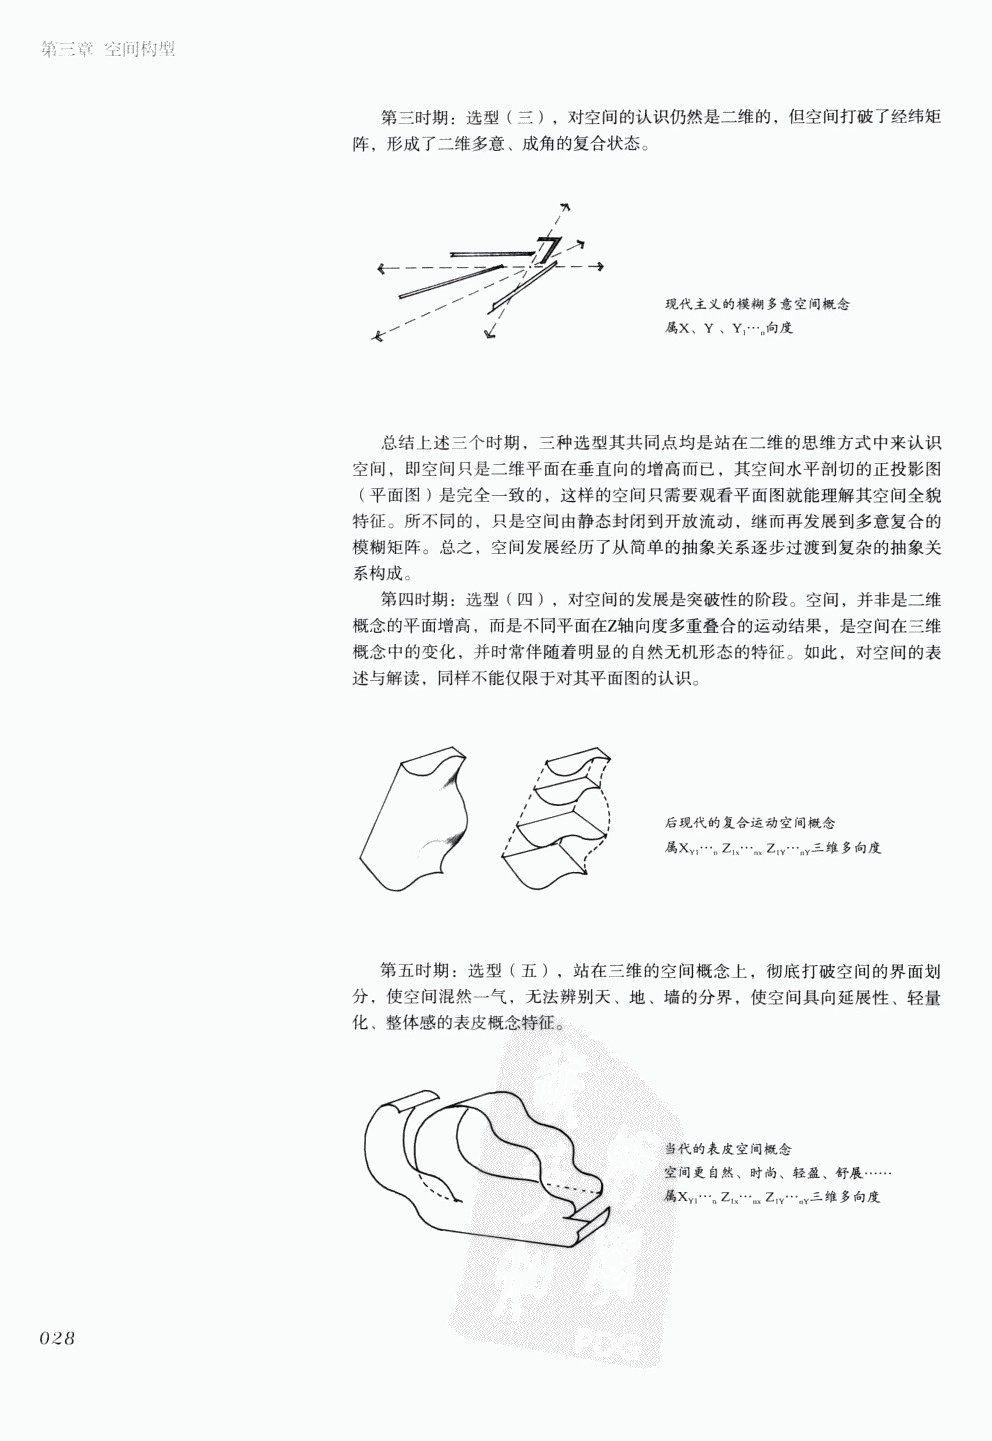 室内设计纲要++概念思考与过程表达_室内设计纲要  概念思考与过程表达_1297982..._页面_036.jpg